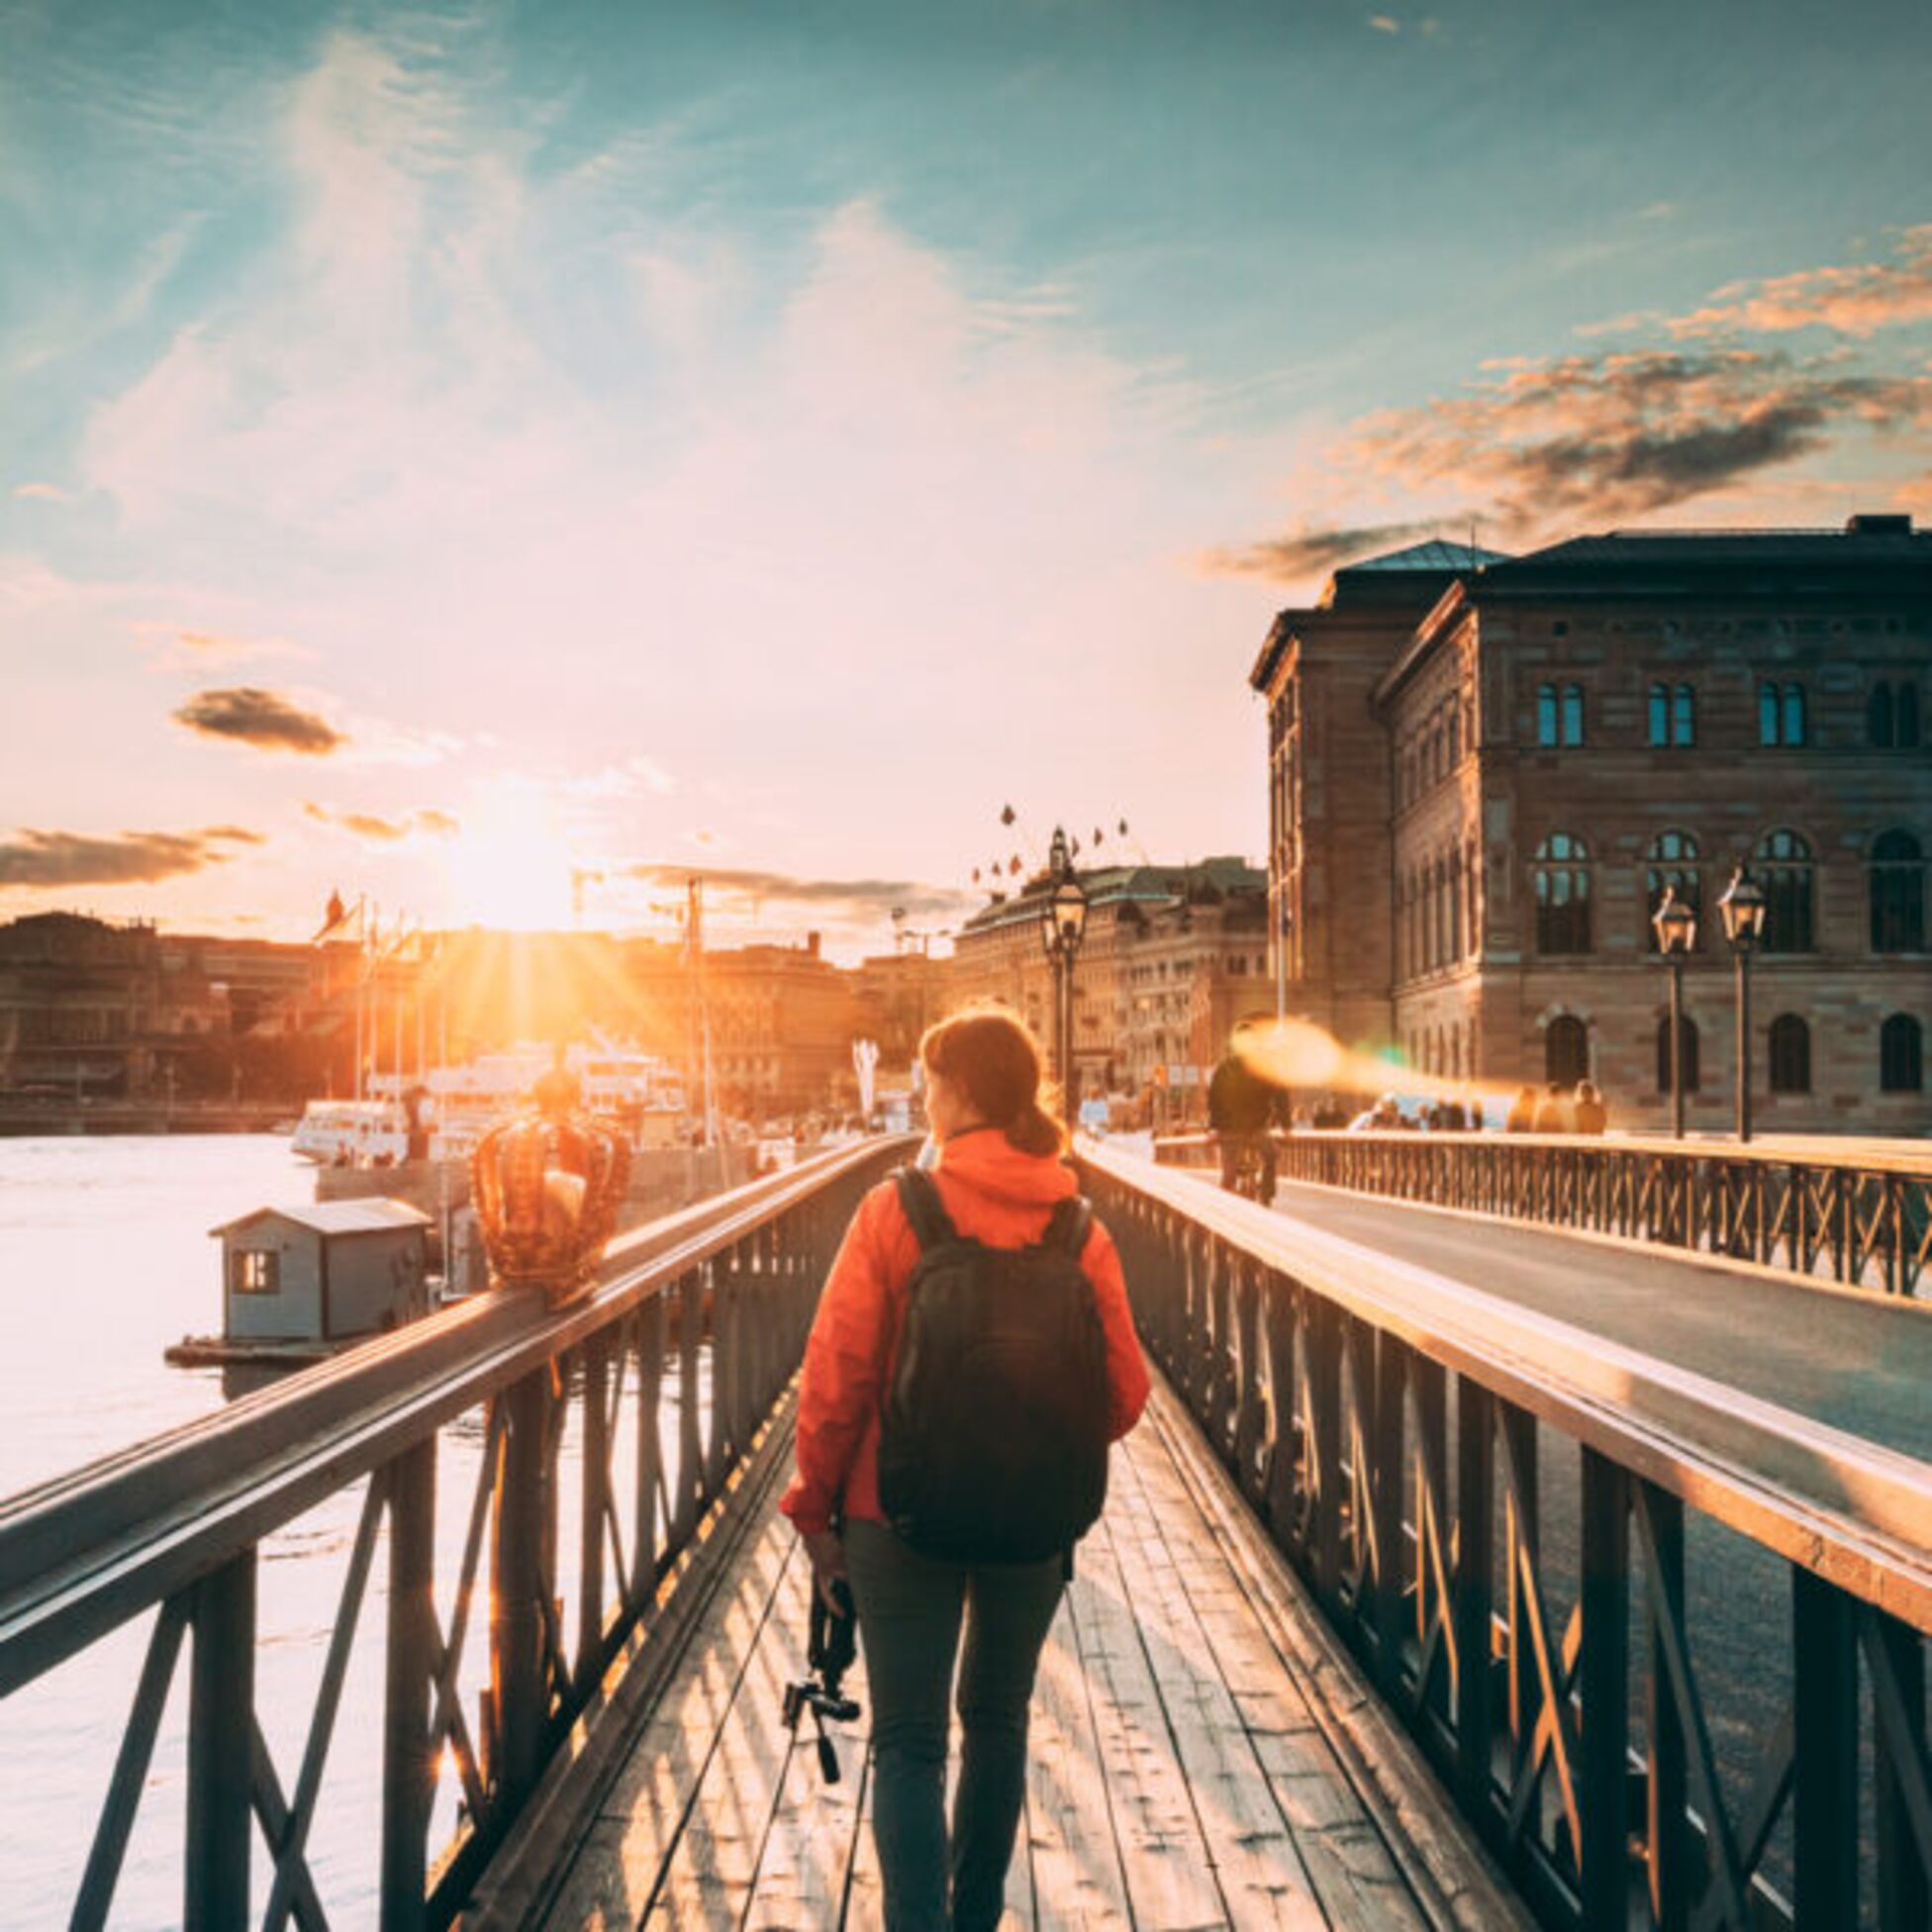 Frau auf Brücke in Stockholm